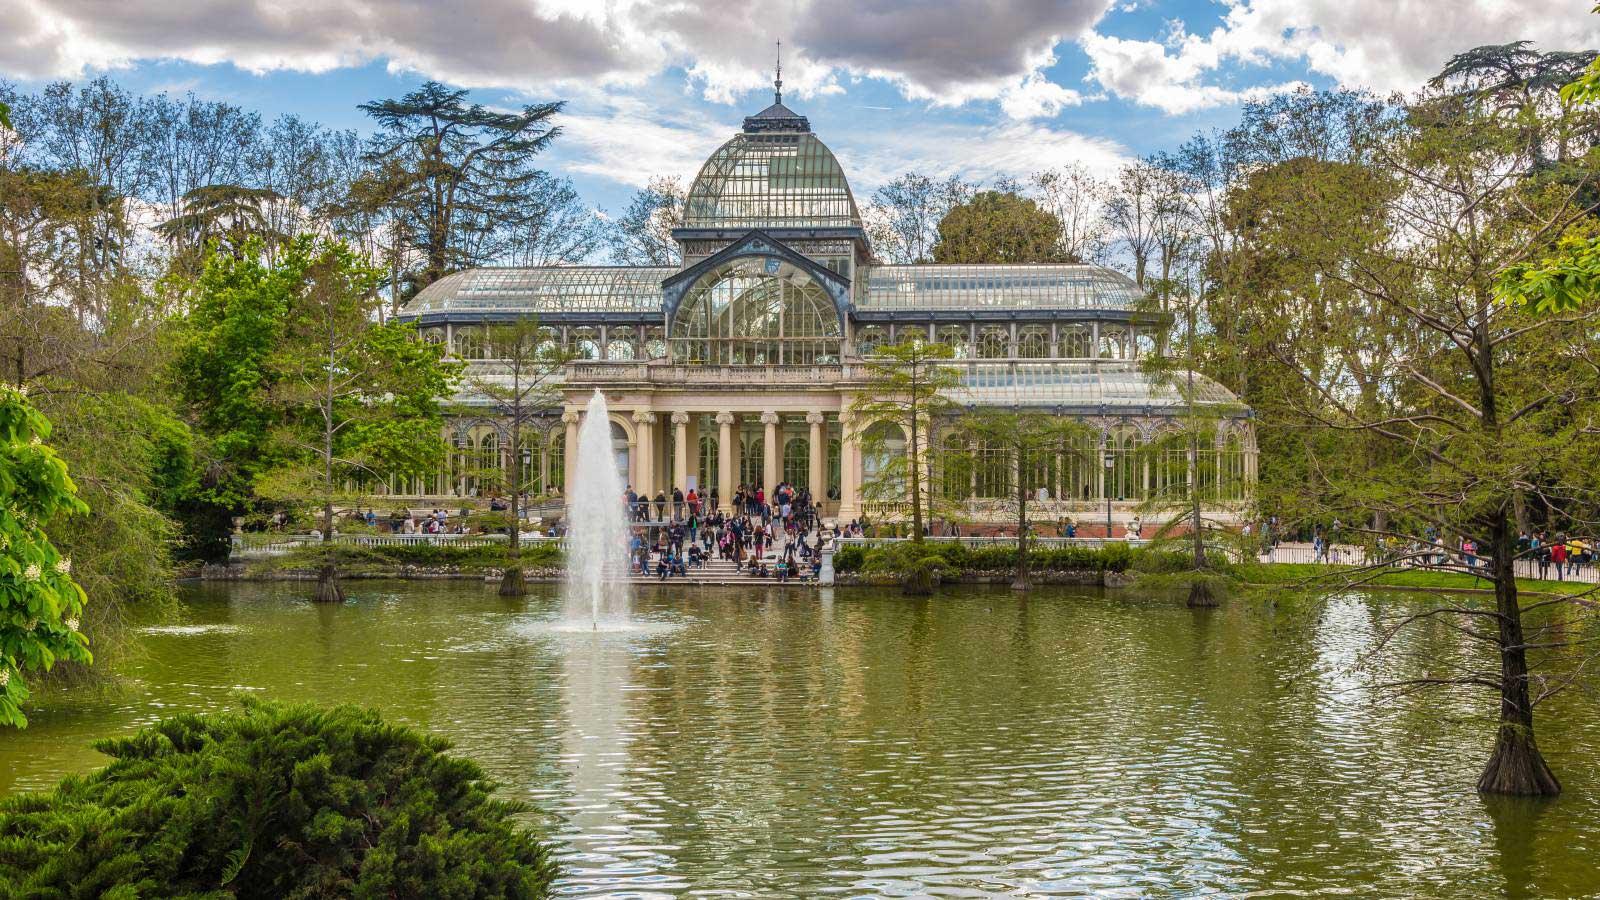 Foto del Palacio de Cristal en el Parque del Retiro de la ciudad de Madrid